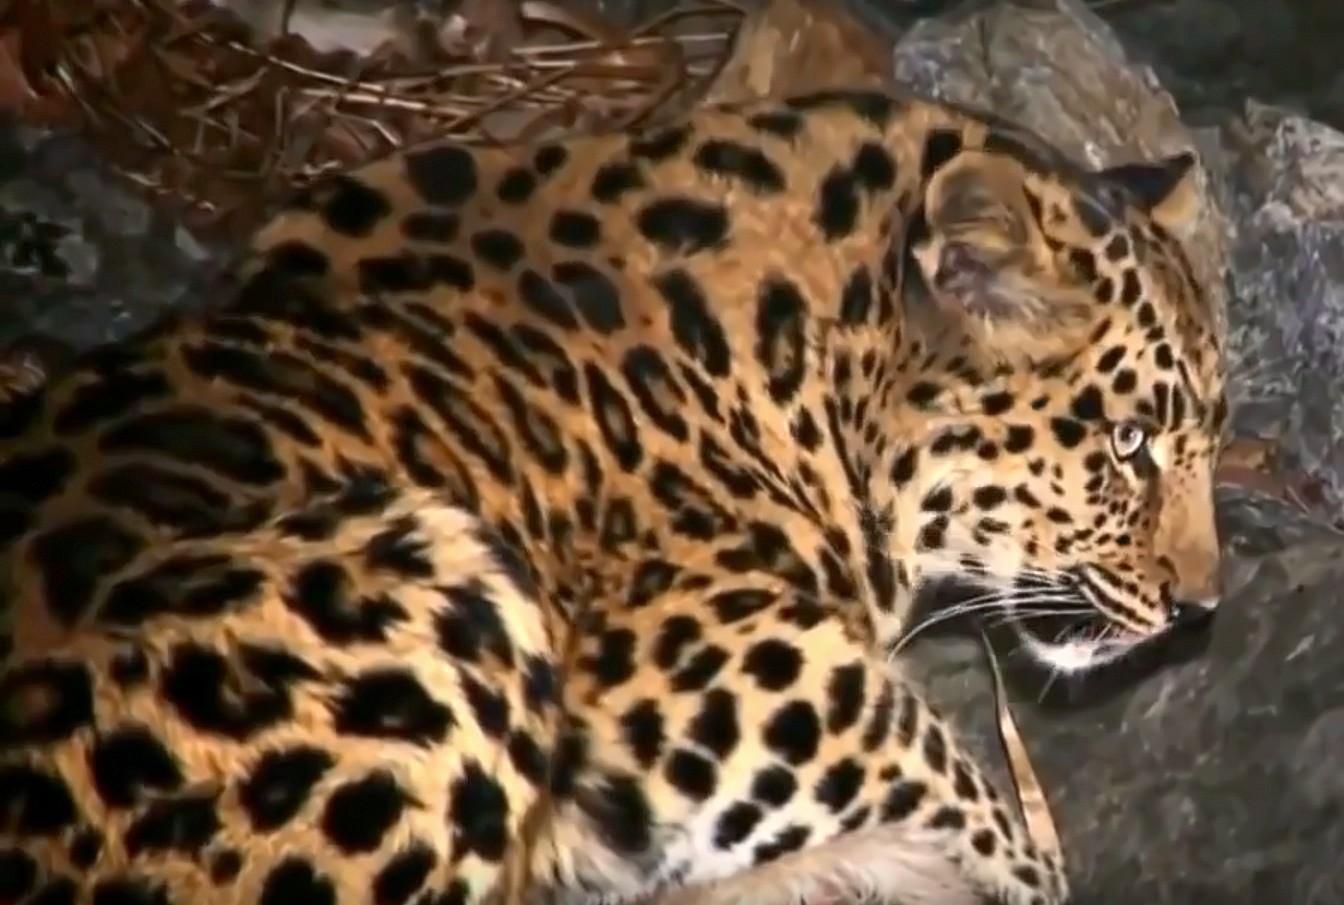 Переднеазиатский и дальневосточный леопарды фото.Panthera pardus ciscaucasica и Panthera pardus orientalis